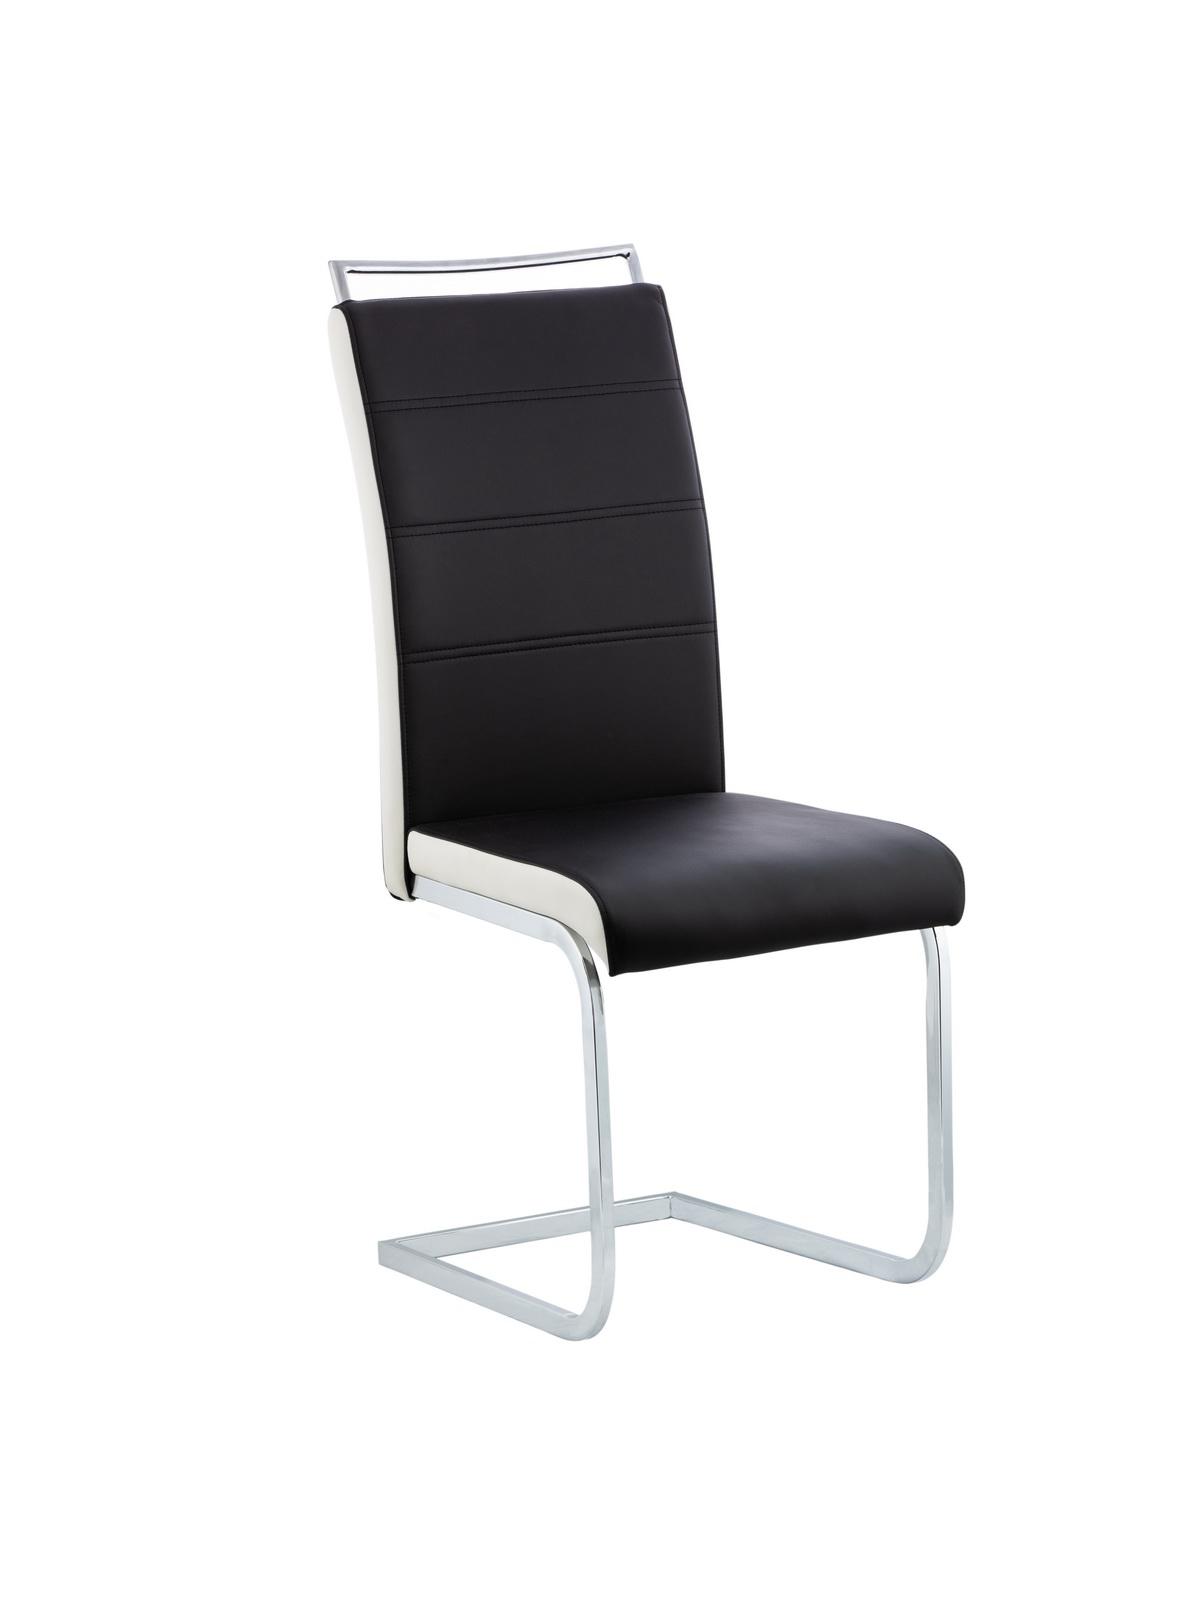 Scaun tapitat cu piele ecologica si picioare din metal Bettie Black, l42xA45xH102 cm imagine